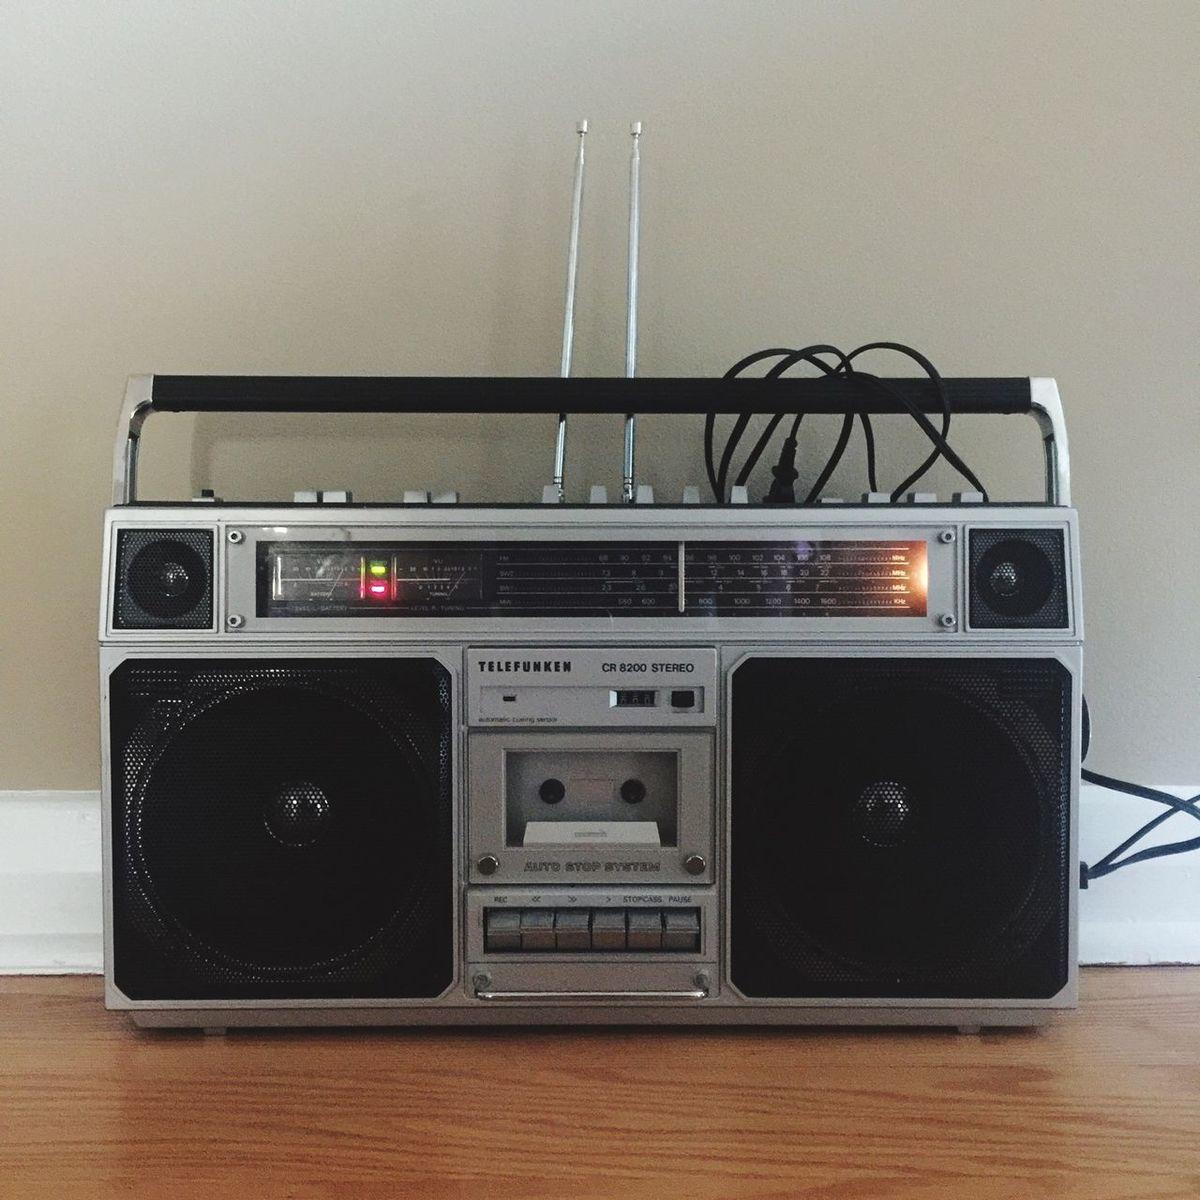 Ghetto Blaster Stereo Boombox Music